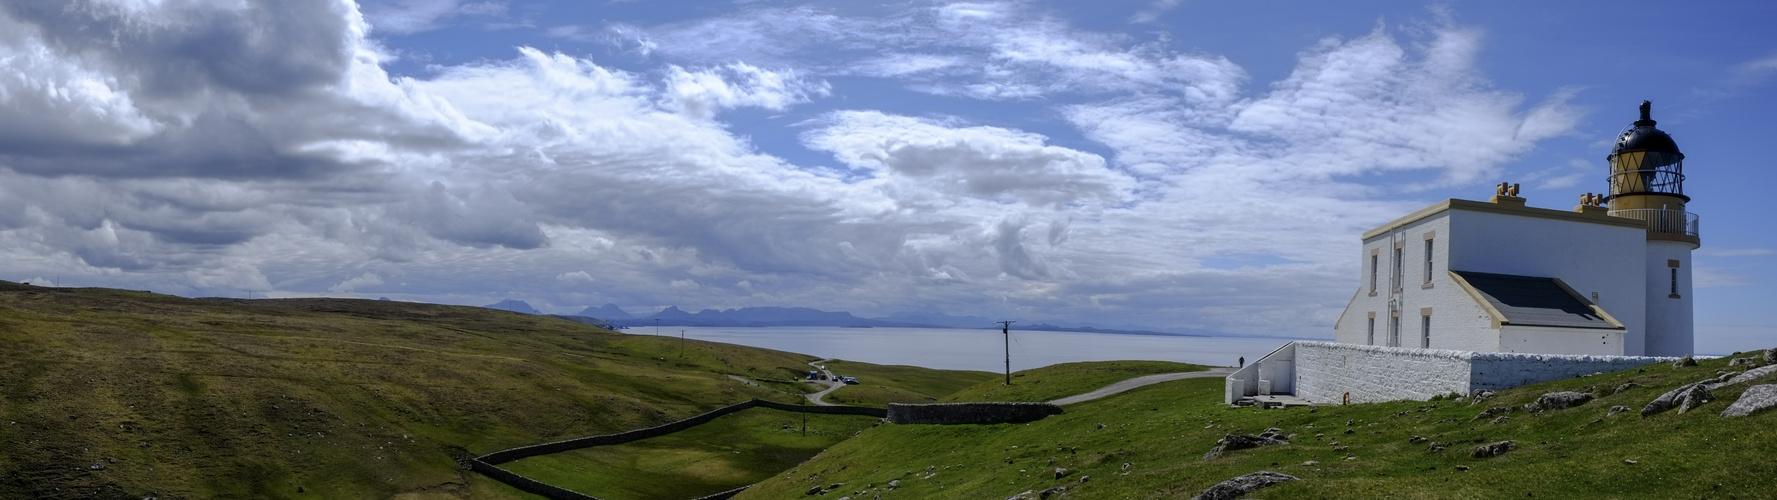 Schottland Leuchttrumpanorama